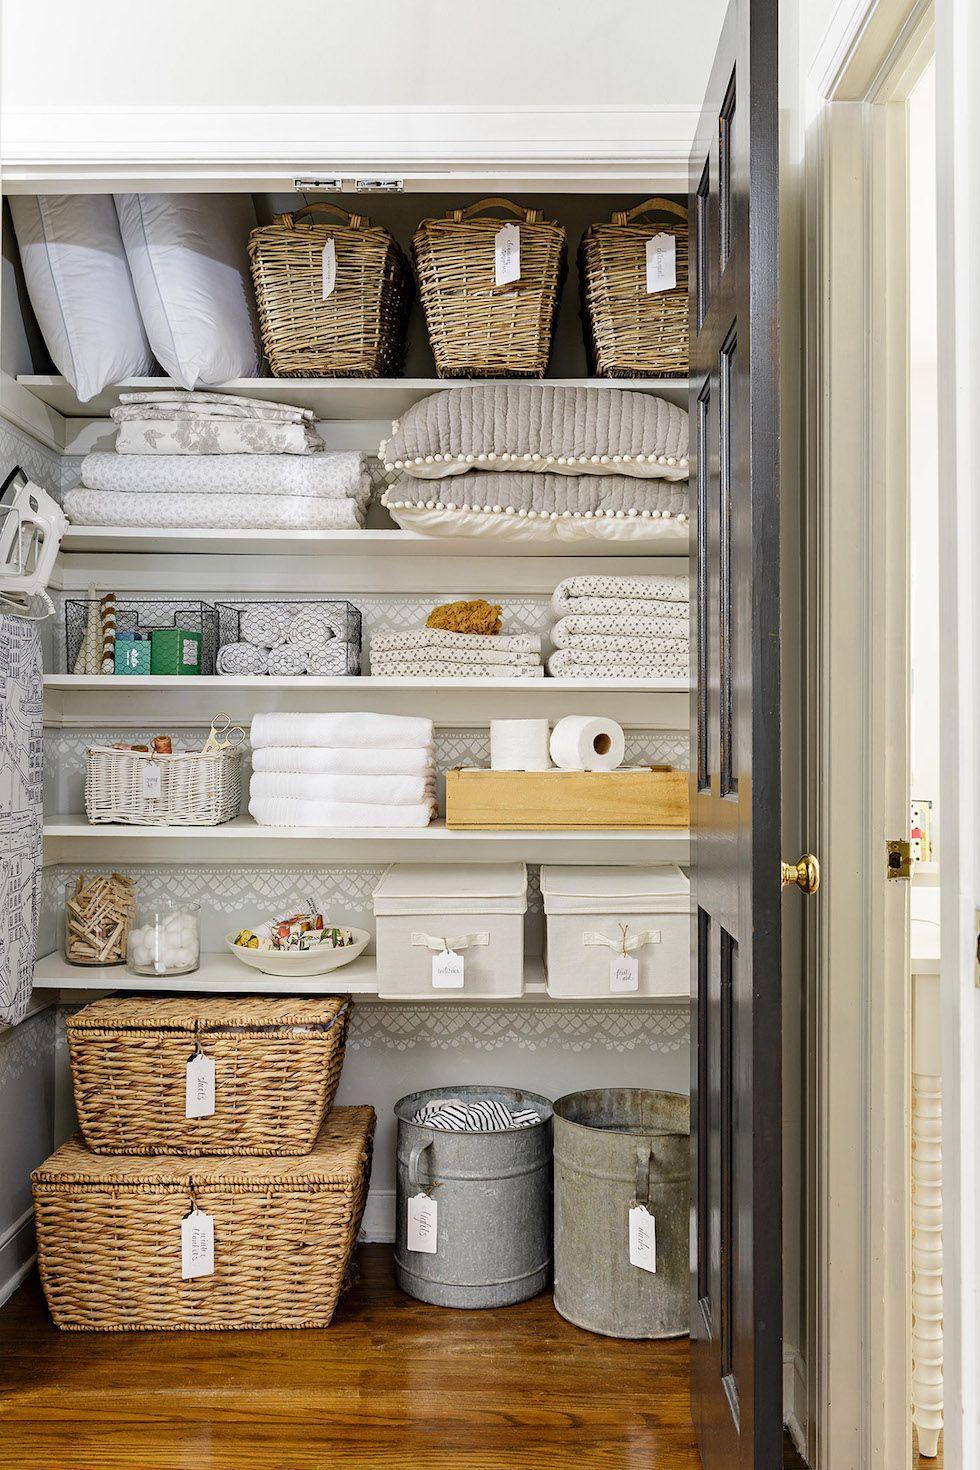 Linen Closet Organization Ideas The Inspired Room In 2021 Linen Closet Organization Organizing Linens Linen Closet